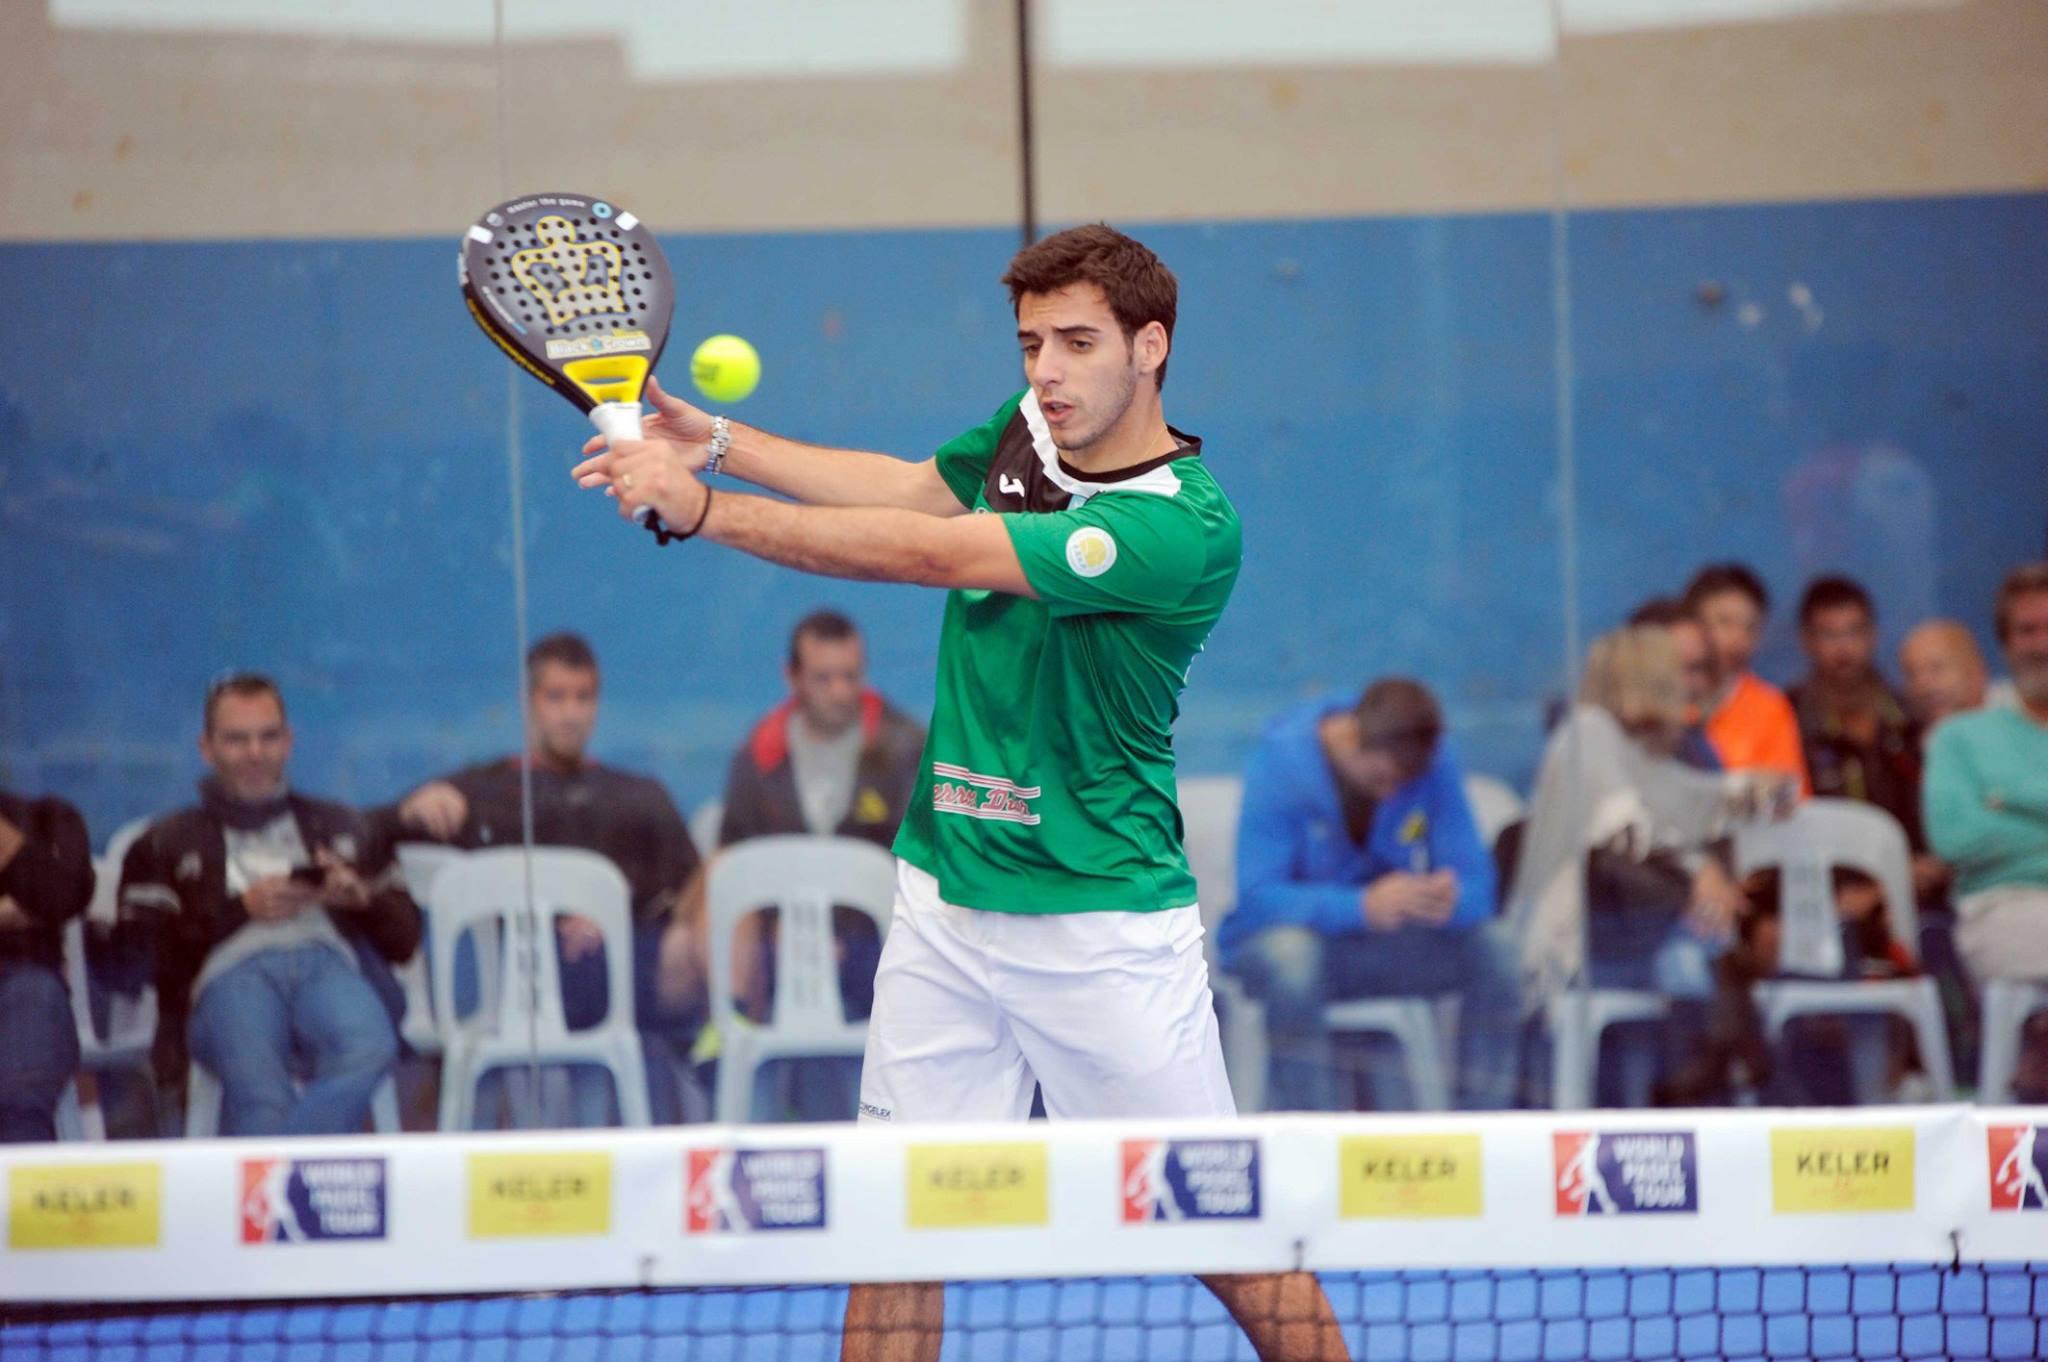 José Antonio García Diestro buscará mejorar posiciones en 2018 junto a Nerone